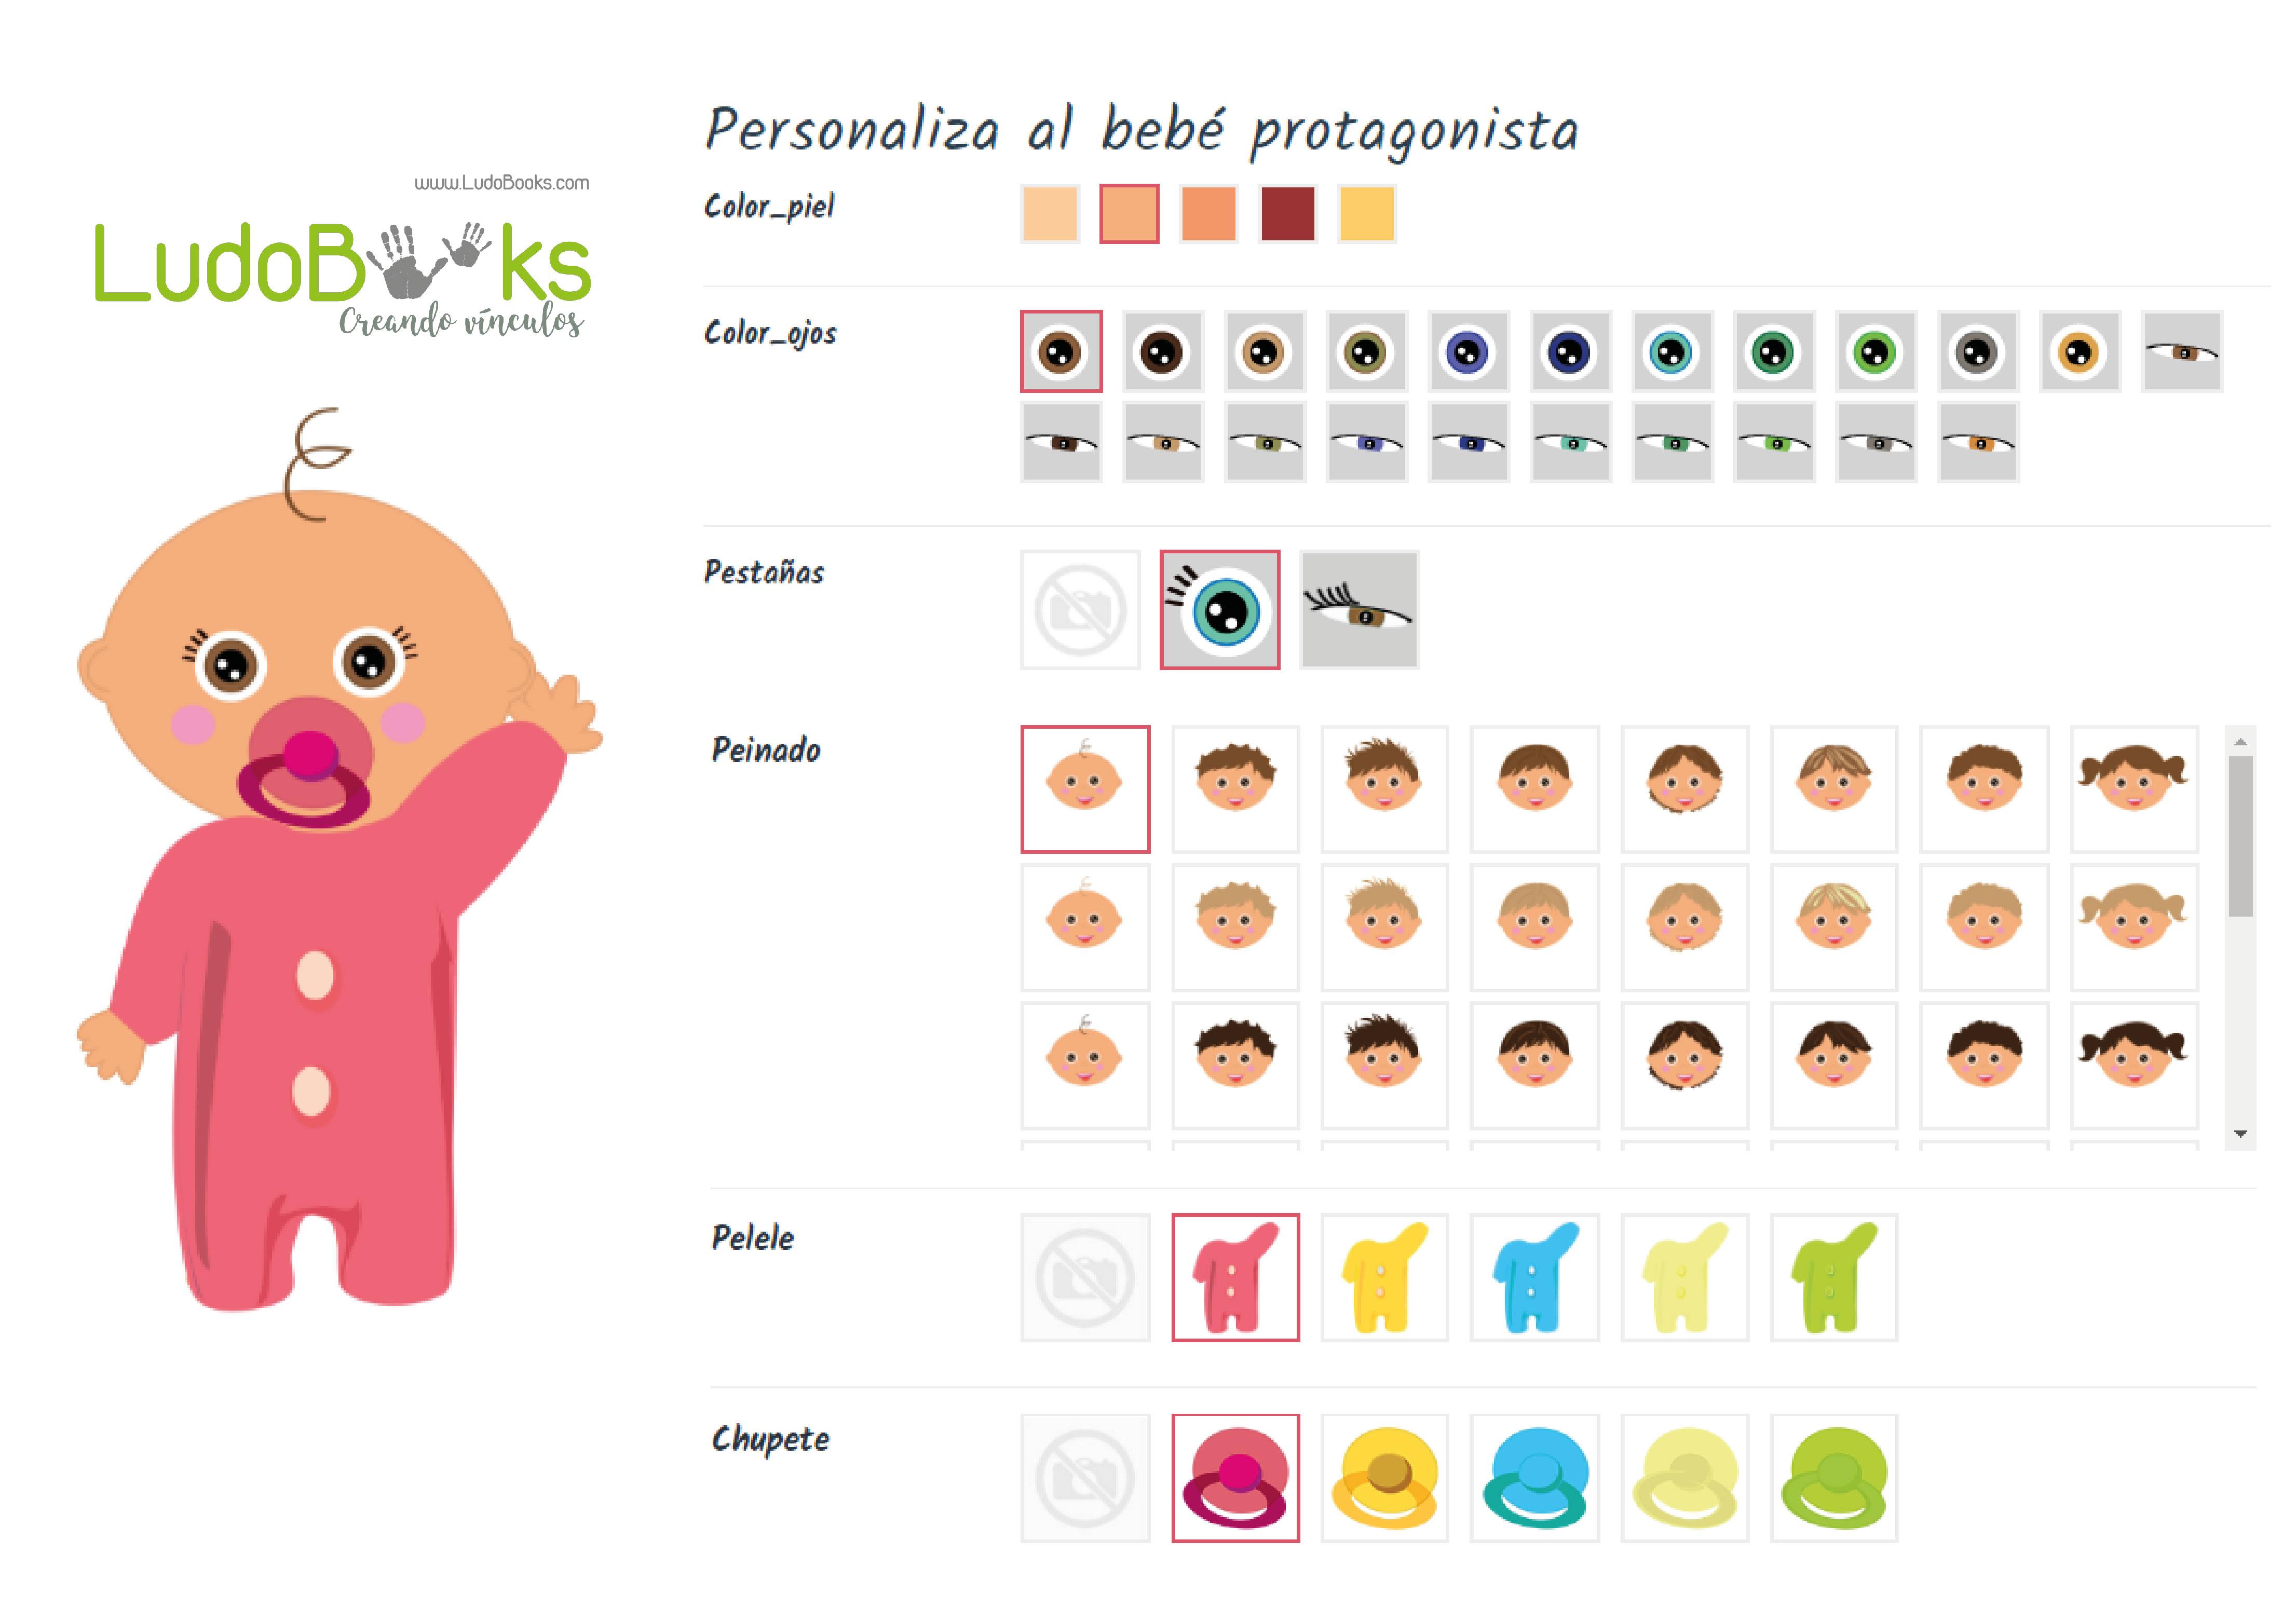 Libros personalizados de bebes - ¡Prueba nuestro configurador!